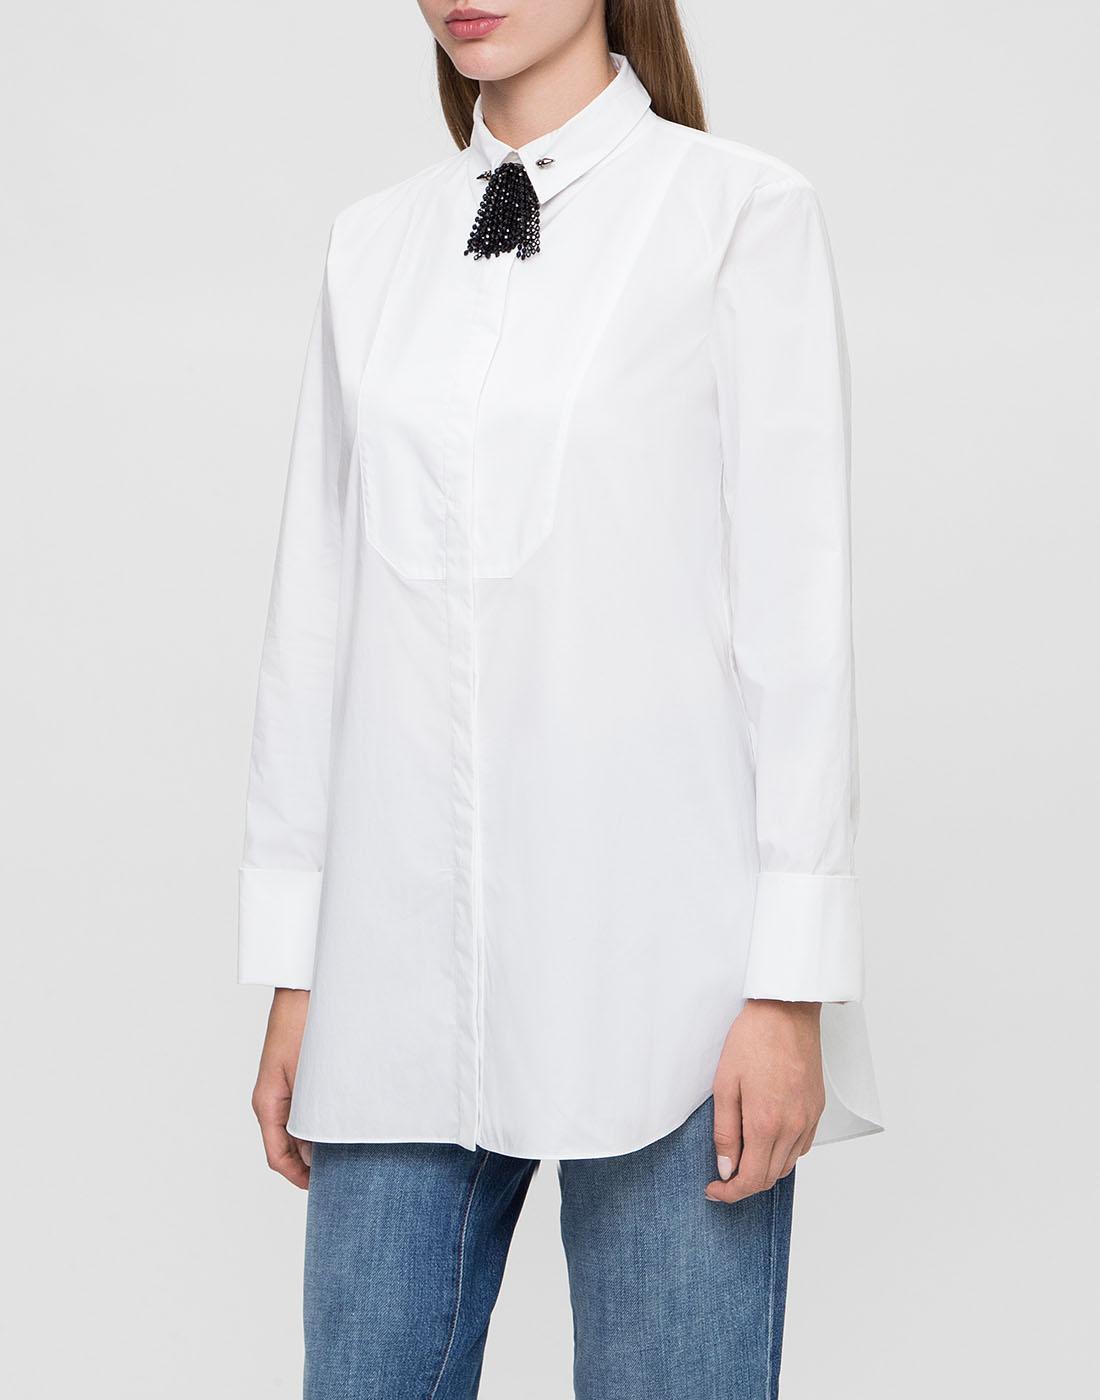 Женская белая рубашка с брошью